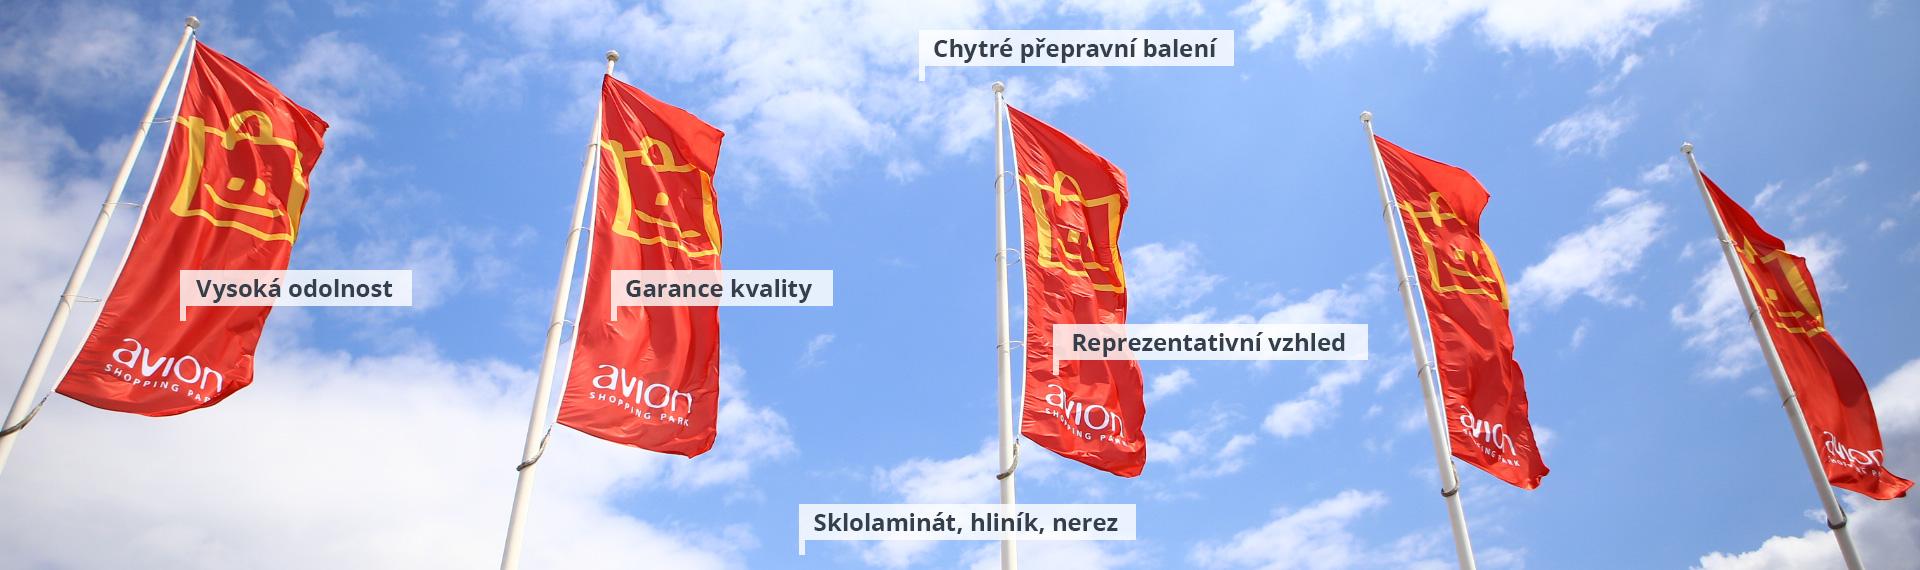 Vlajkové stožáry